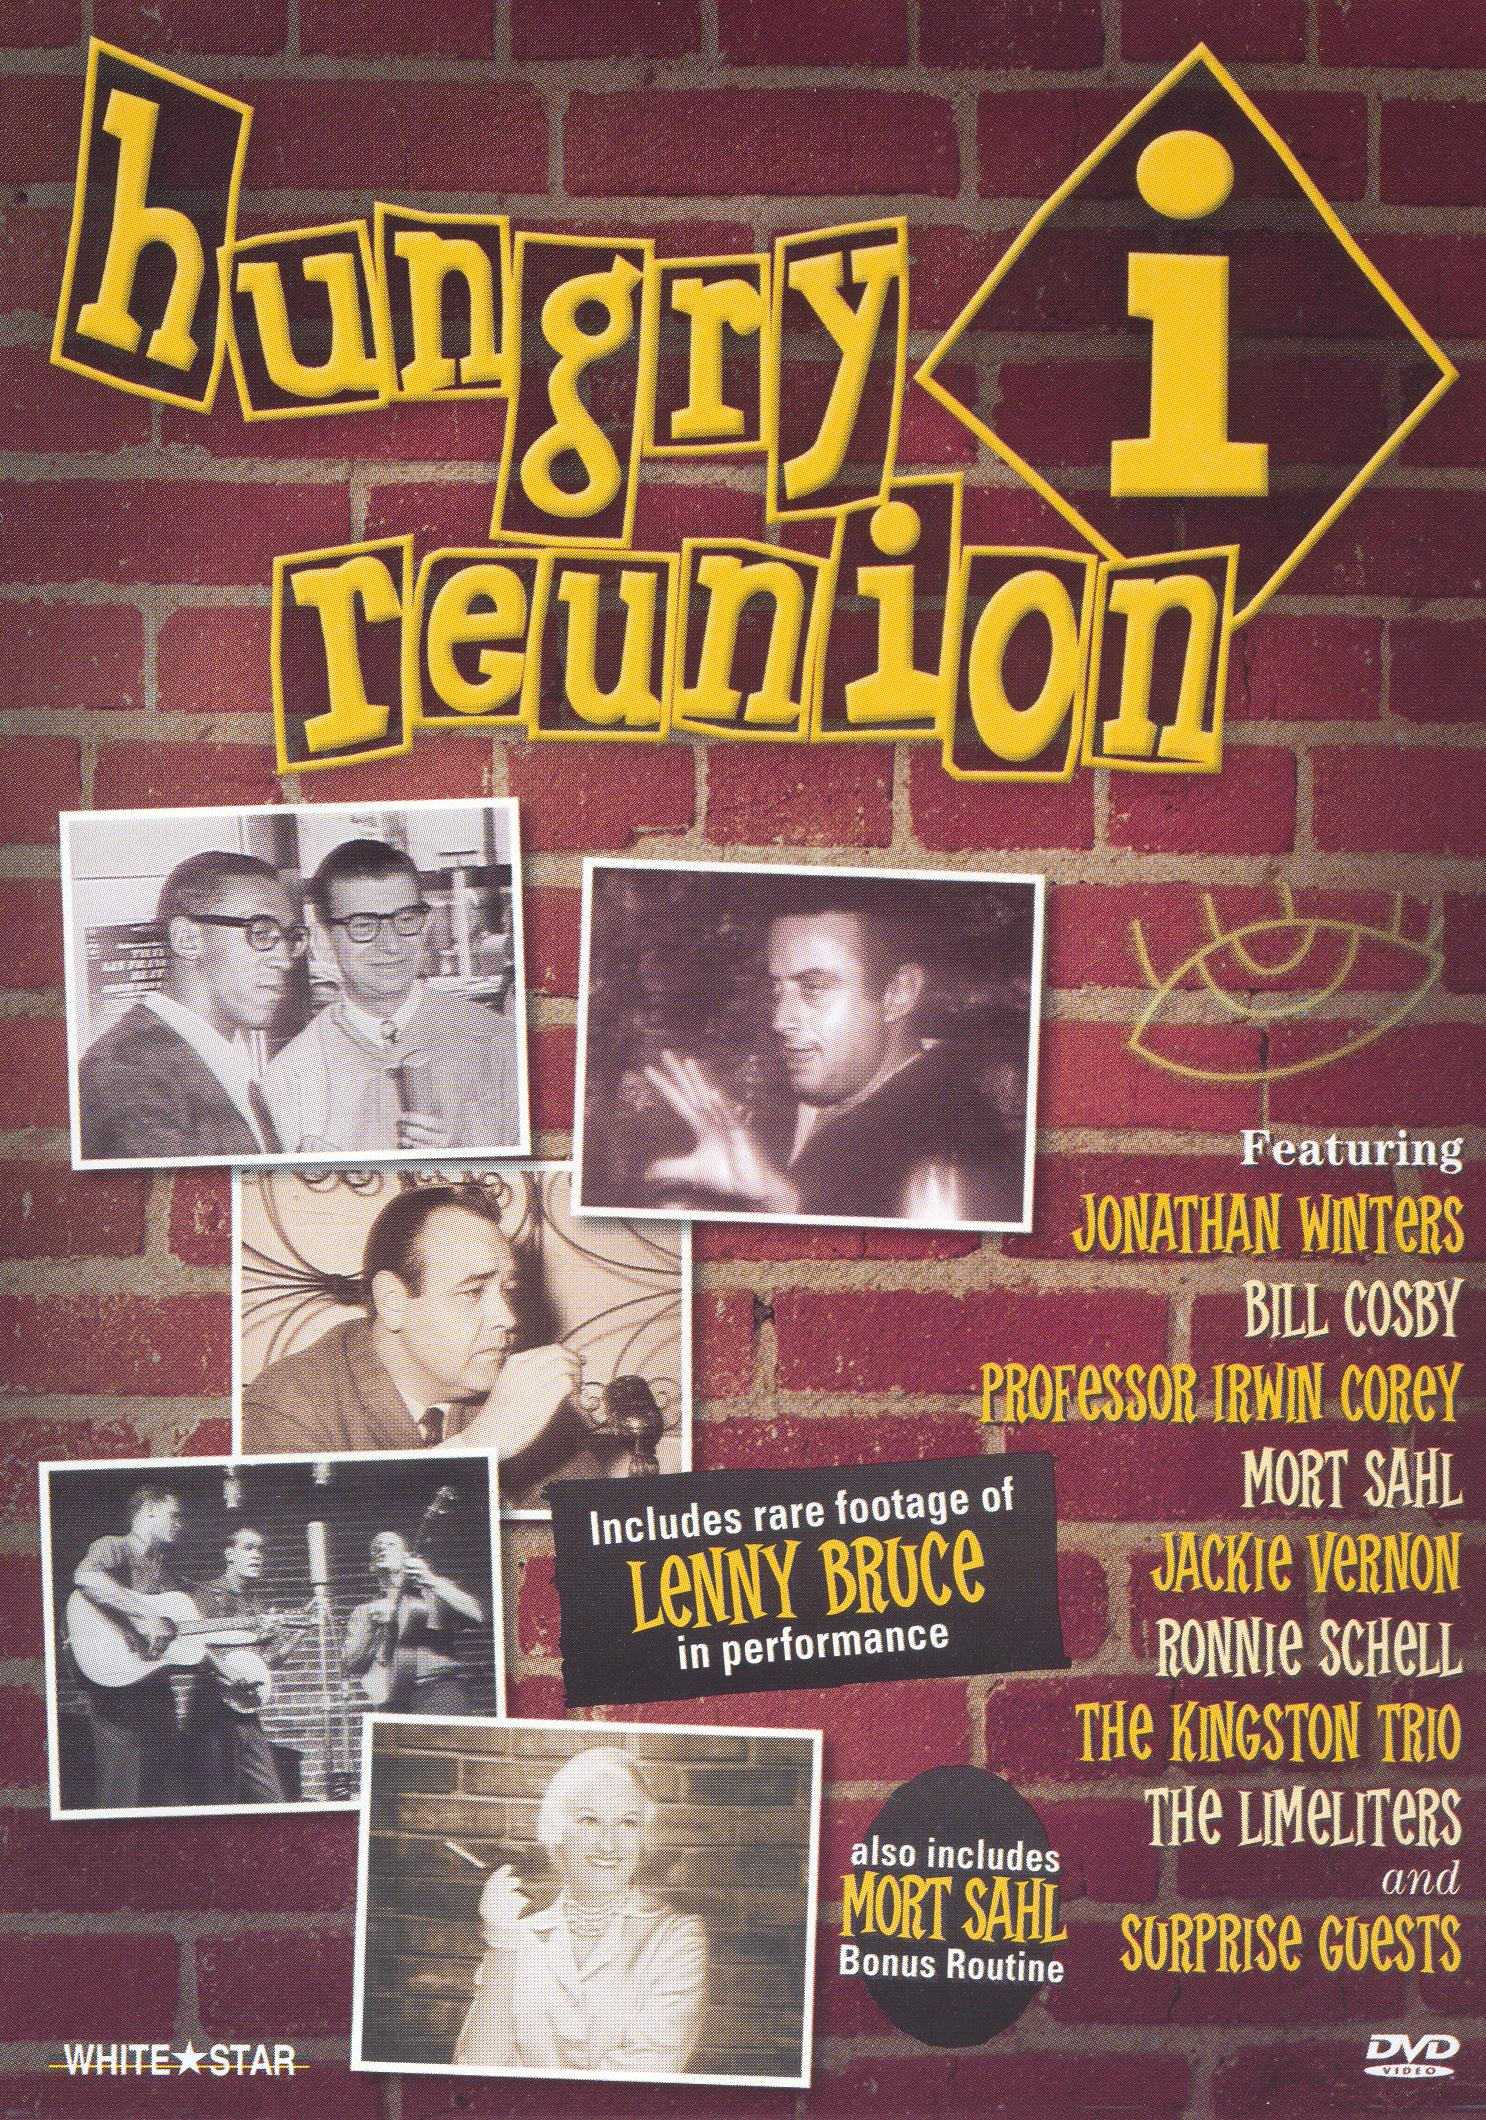 Hungry i Reunion (1981)